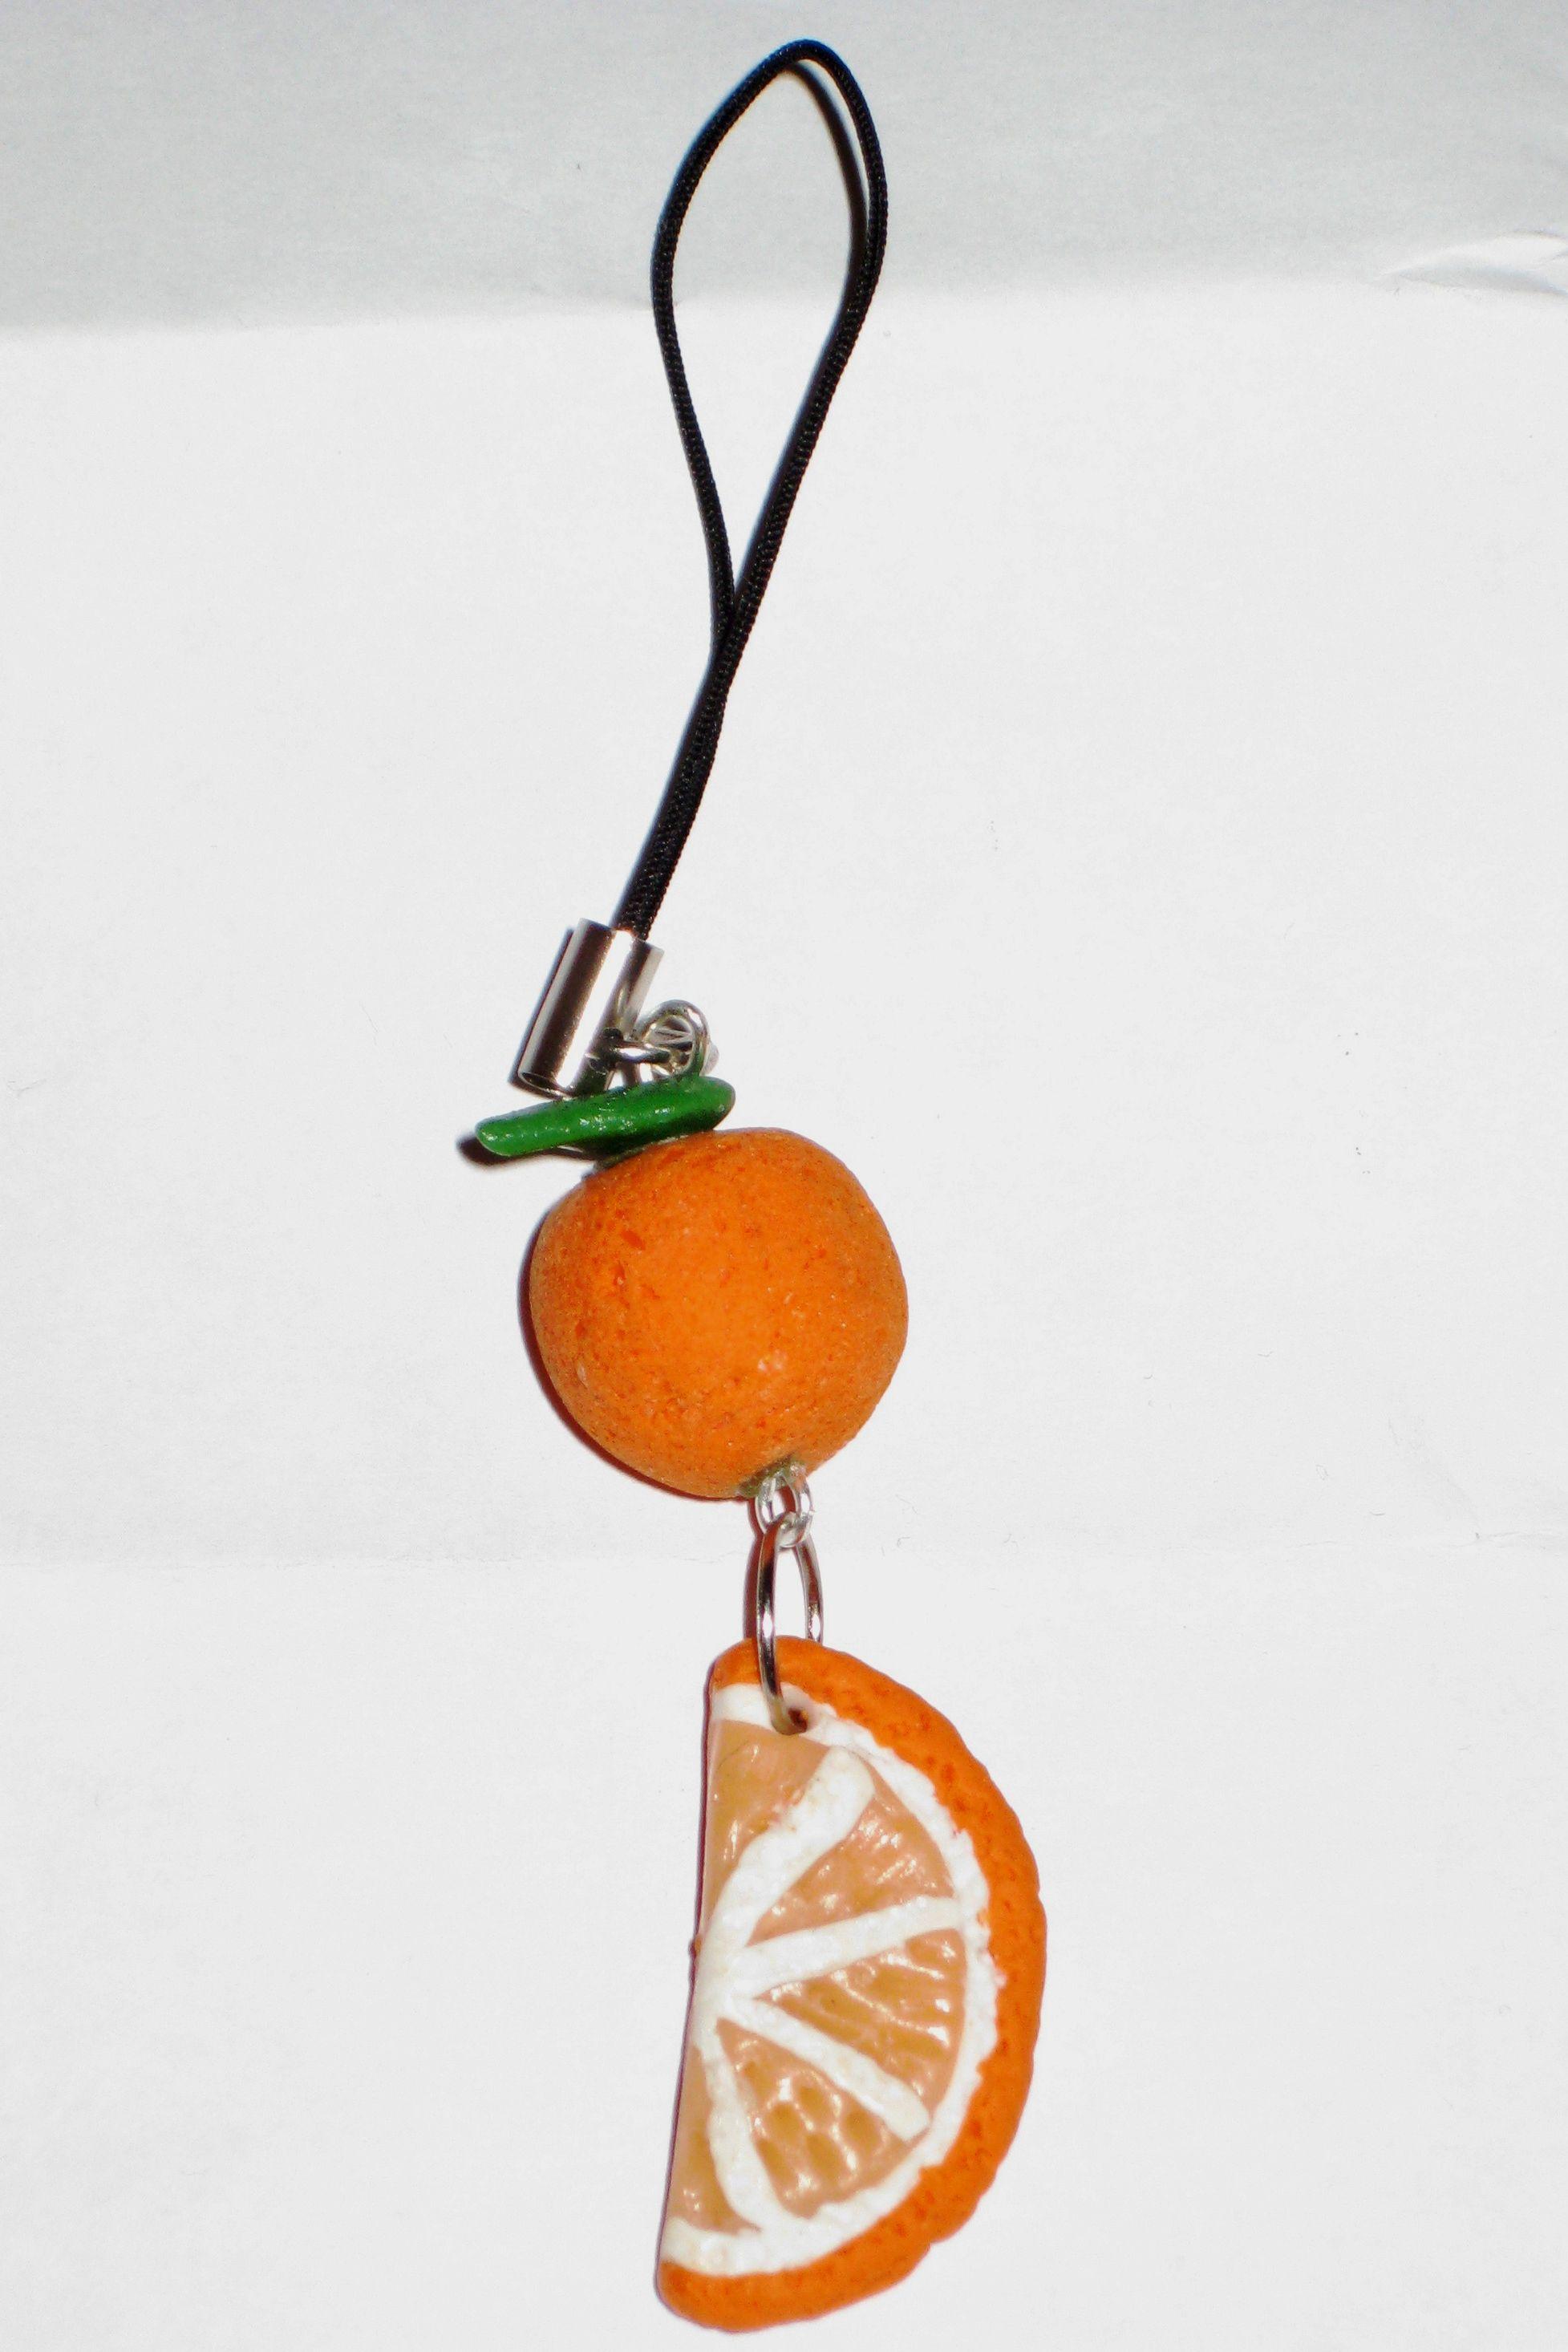 уникальныйподарок handmade брелок хендмейд творчество полимернаяглина подарок